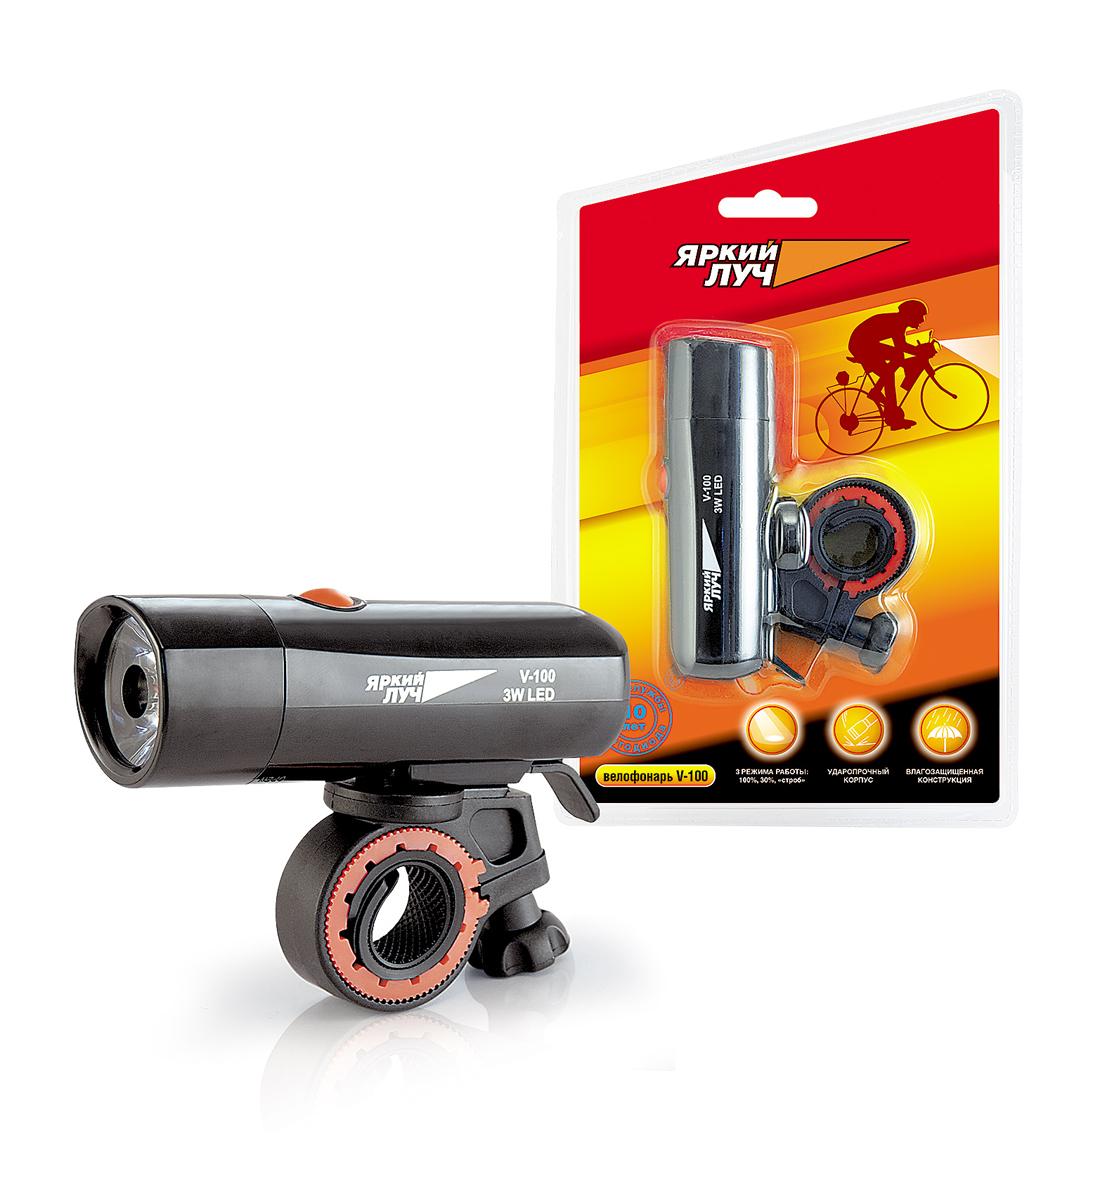 Велофонарь Яркий Луч. V-1007292Фонарь спроектирован и рекомендован для велосипедистов, в комплекте поставляется крепление на руль. Незаменим для любителей ночных велопрогулок. Три режима работы: 100% (100 лм), 30% (30 лм) и строб. Яркий светодиод (3 Вт). Оптическая система фонаря (коллиматорная линза) позволит комфортно перемещаться на средней скорости в полной темноте, своевременно обозначая ямы и неровности дорог, а режим строб поможет обезопасить езду в светлое время суток. Элементы питания: 4 х ААА (R03), в комплект не входят, обеспечат светом в пути продолжительное время (в режиме 100% - не менее 2 часов). Влагозащищенный корпус убережет фонарь в дождливую погоду. Конструктивная особенность: поворот фонаря относительно крепления на 360°.ЯРКИЙ 3 Вт СВЕТОДИОД 3 РЕЖИМА РАБОТЫ: 100%, 30%, «строб»УДАРОПРОЧНЫЙ КОРПУСВЛАГОЗАЩИЩЕННАЯ КОНСТРУКЦИЯФонарь спроектирован и рекомендован для велосипедистов, в комплекте поставляется крепление на руль. Незаменим для любителей ночных велопрогулок. Три режима работы: «100%» (100 лм), 30% (30 лм) и «строб». Оптическая система фонаря (коллиматорная линза) позволит комфортно перемещаться на средней скорости в полной темноте, своевременно обозначая ямы и неровности дорог, а режим «строб» поможет обезопасить езду в светлое время суток. Элементы питания: 4 х ААА (R03), в комплект не входят, обеспечат светом в пути продолжительное время (в режиме «100%» не менее 2 часов). Влагозащищенный корпус убережет фонарь в дождливую погоду. Конструктивная особенность: поворот фонаря относительно крепления на 360°.